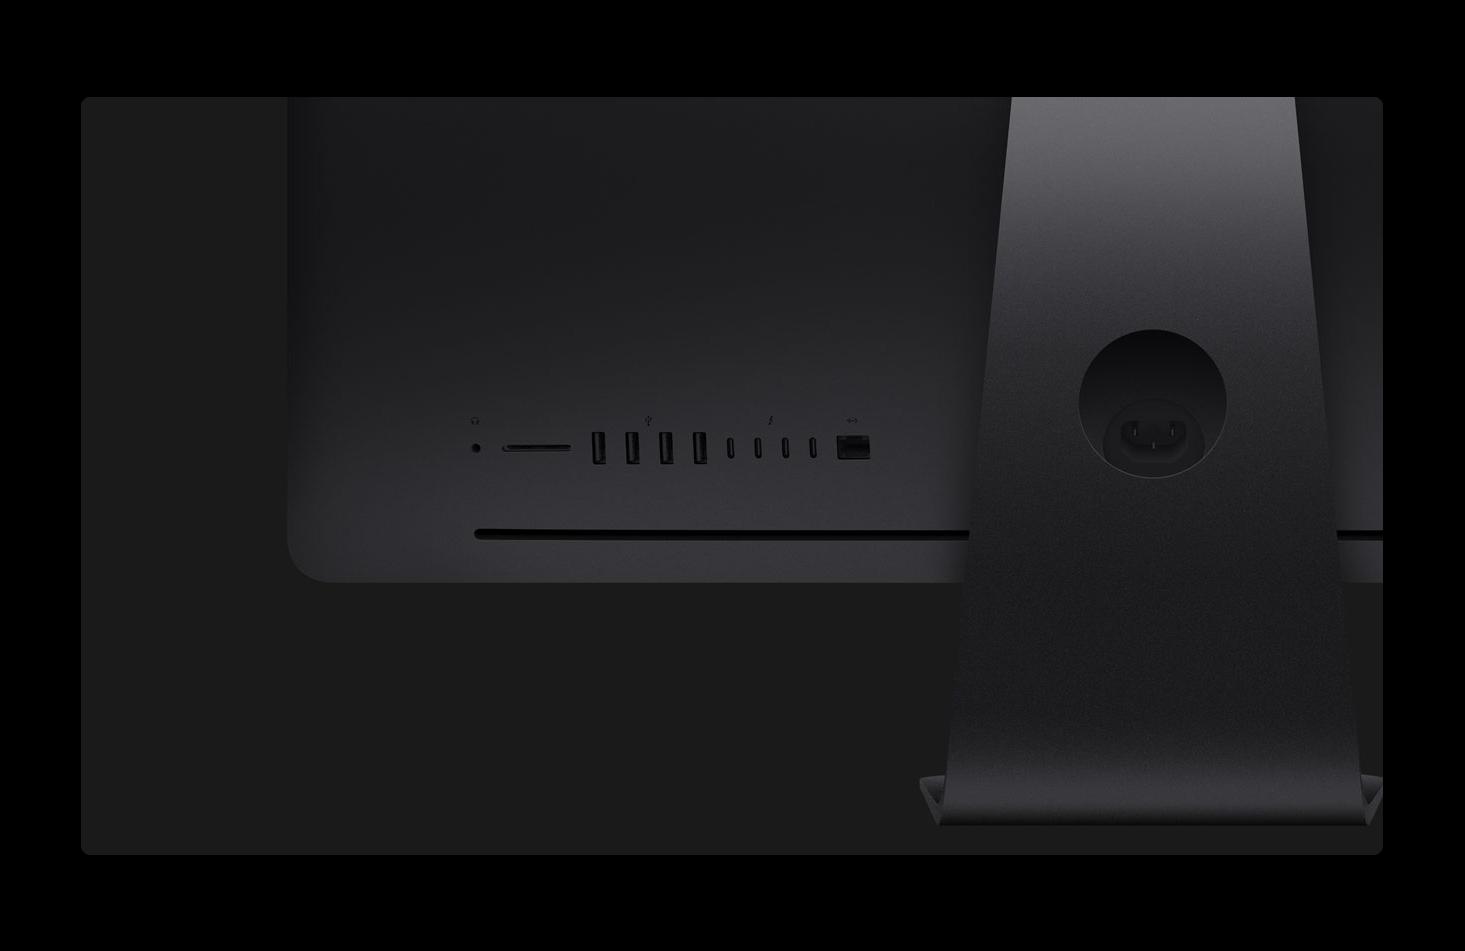 iMac ProにはThunderbolt 3のストレージのサプライズがある